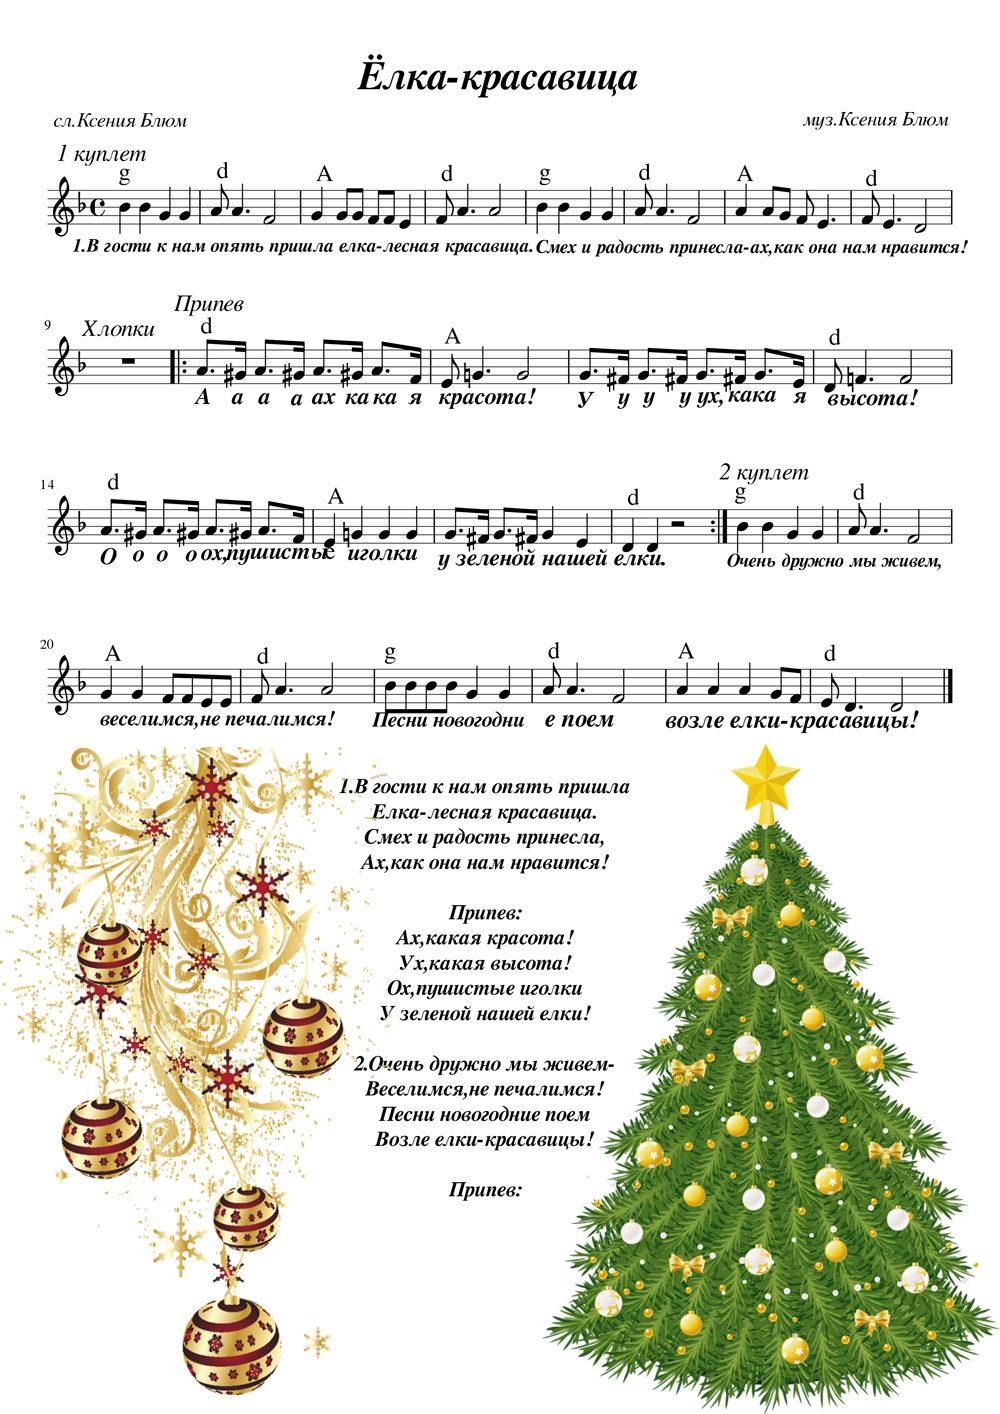 чудо картинка украсит нарядную елку ноты к песне